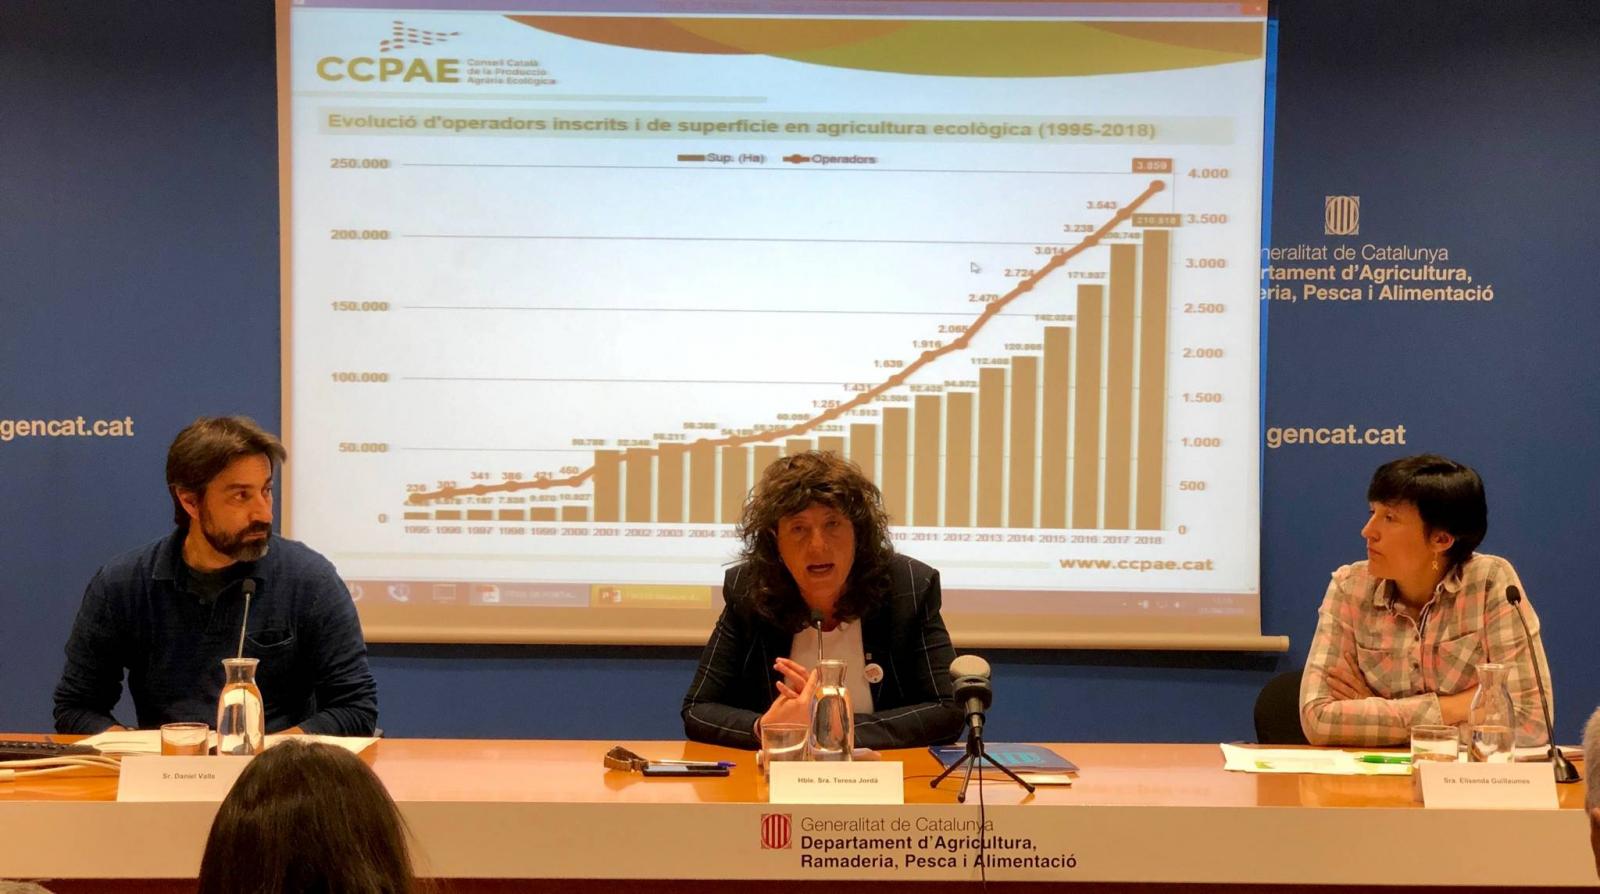 Teresa Jordà, Daniel Valls i Elisenda Guillaumes presentant les dades de la producció agrària ecològica